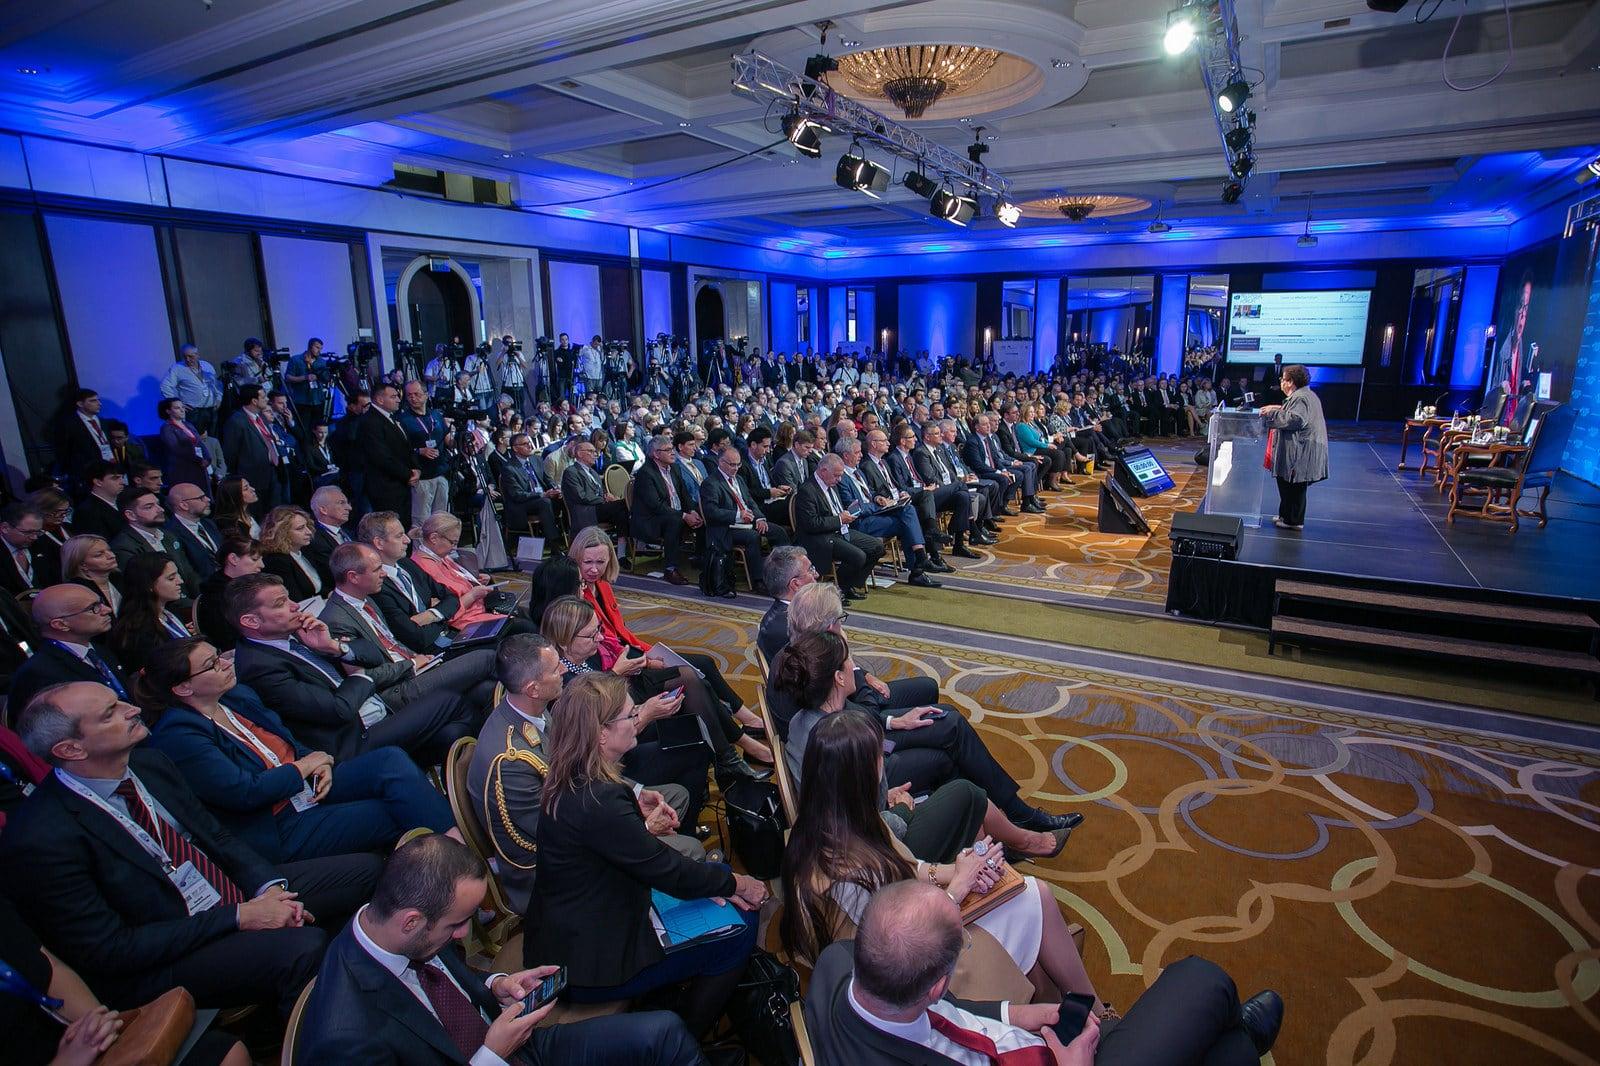 Beogradski bezbednosni forum 2019: u potrazi za pravdom u svetu podela